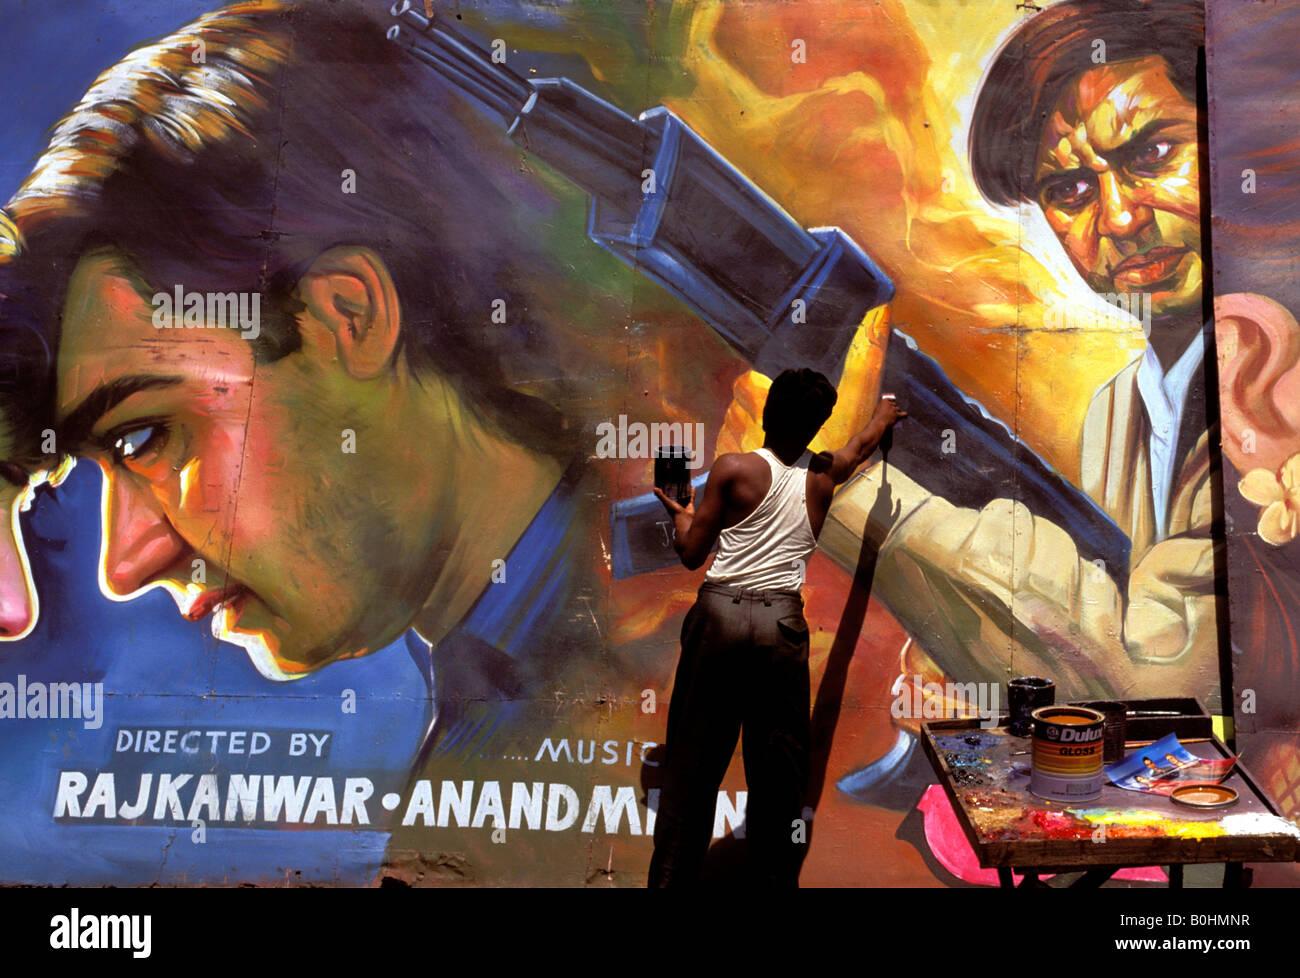 Ein Künstler Hand malen ein Bollywood-Film-Poster, Delhi, Indien. Stockbild